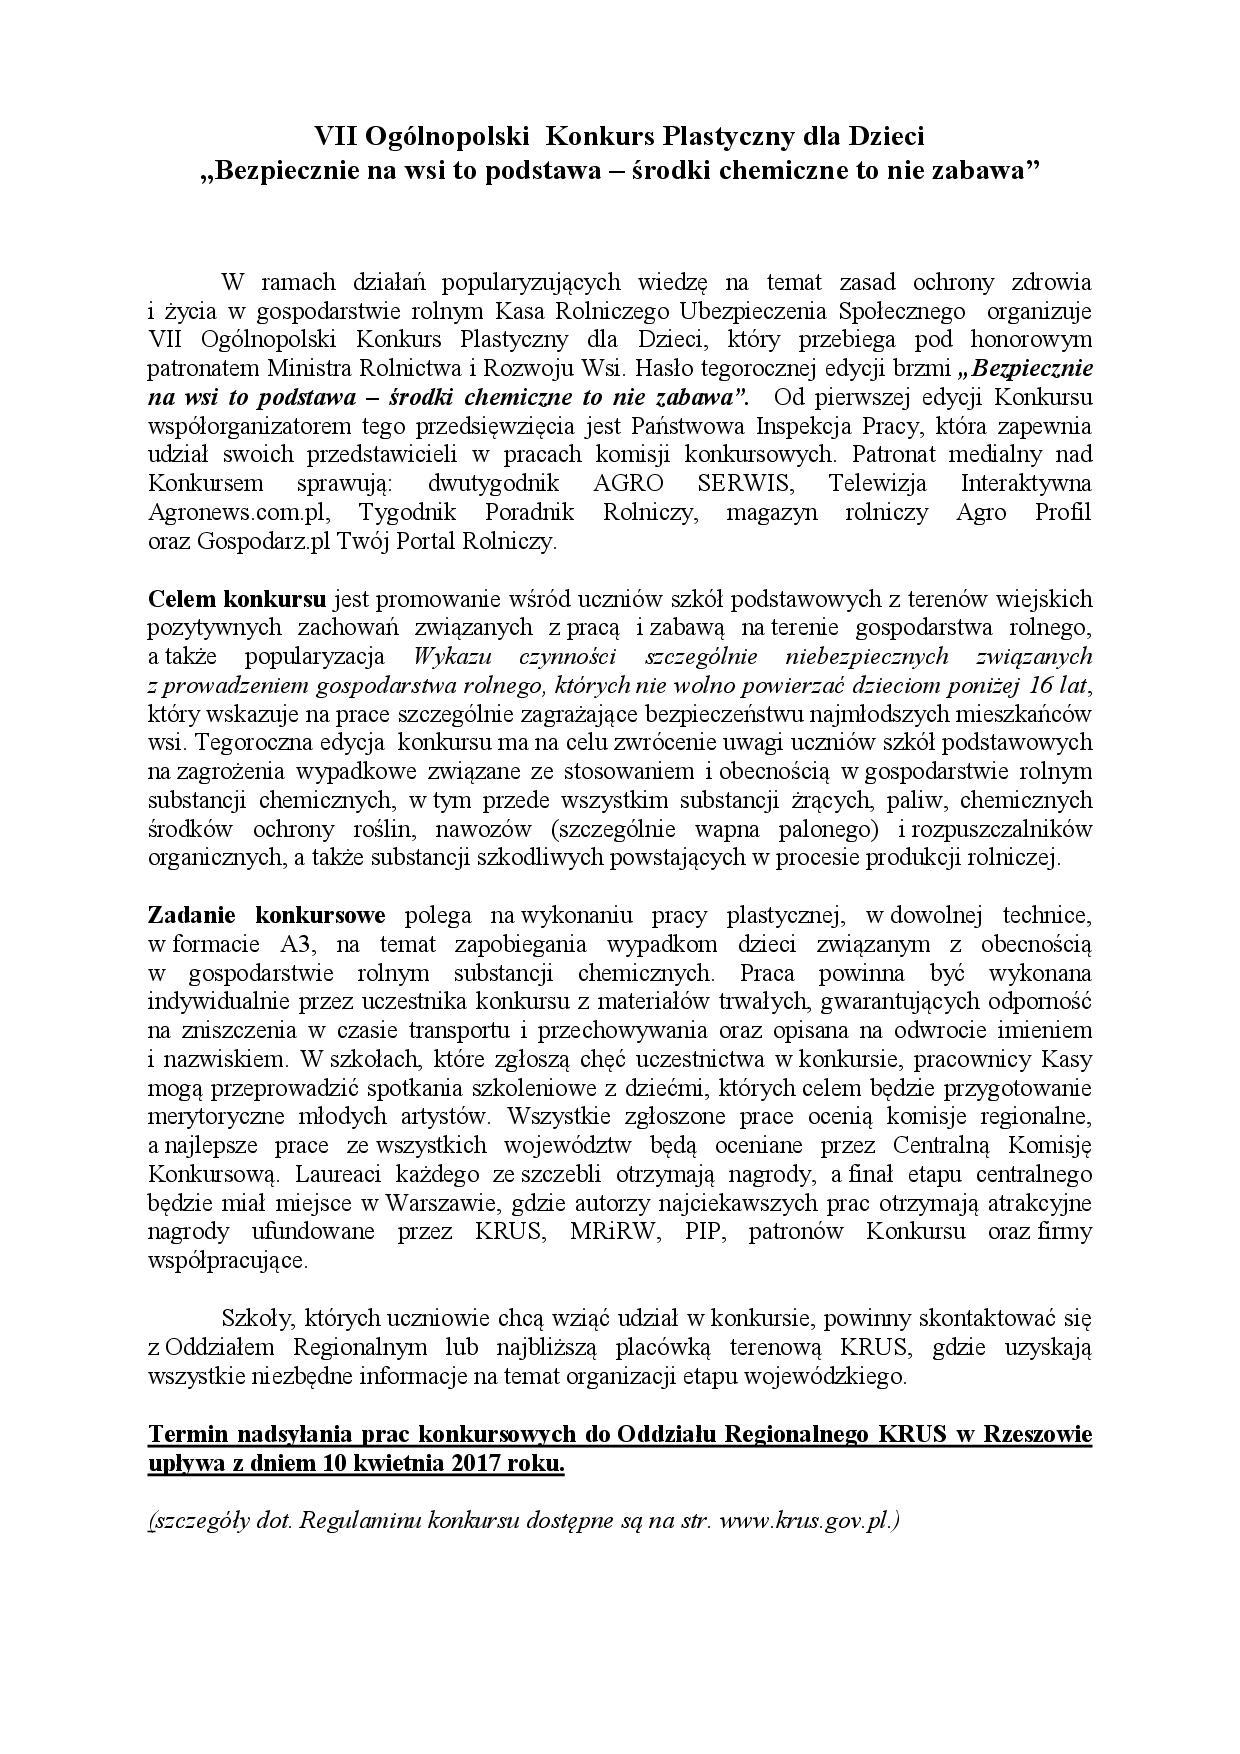 - bgr_i_vii_ogolnopolski_konkurs_plastyczny_dla_dzieci____brg_do__prasy2.jpg